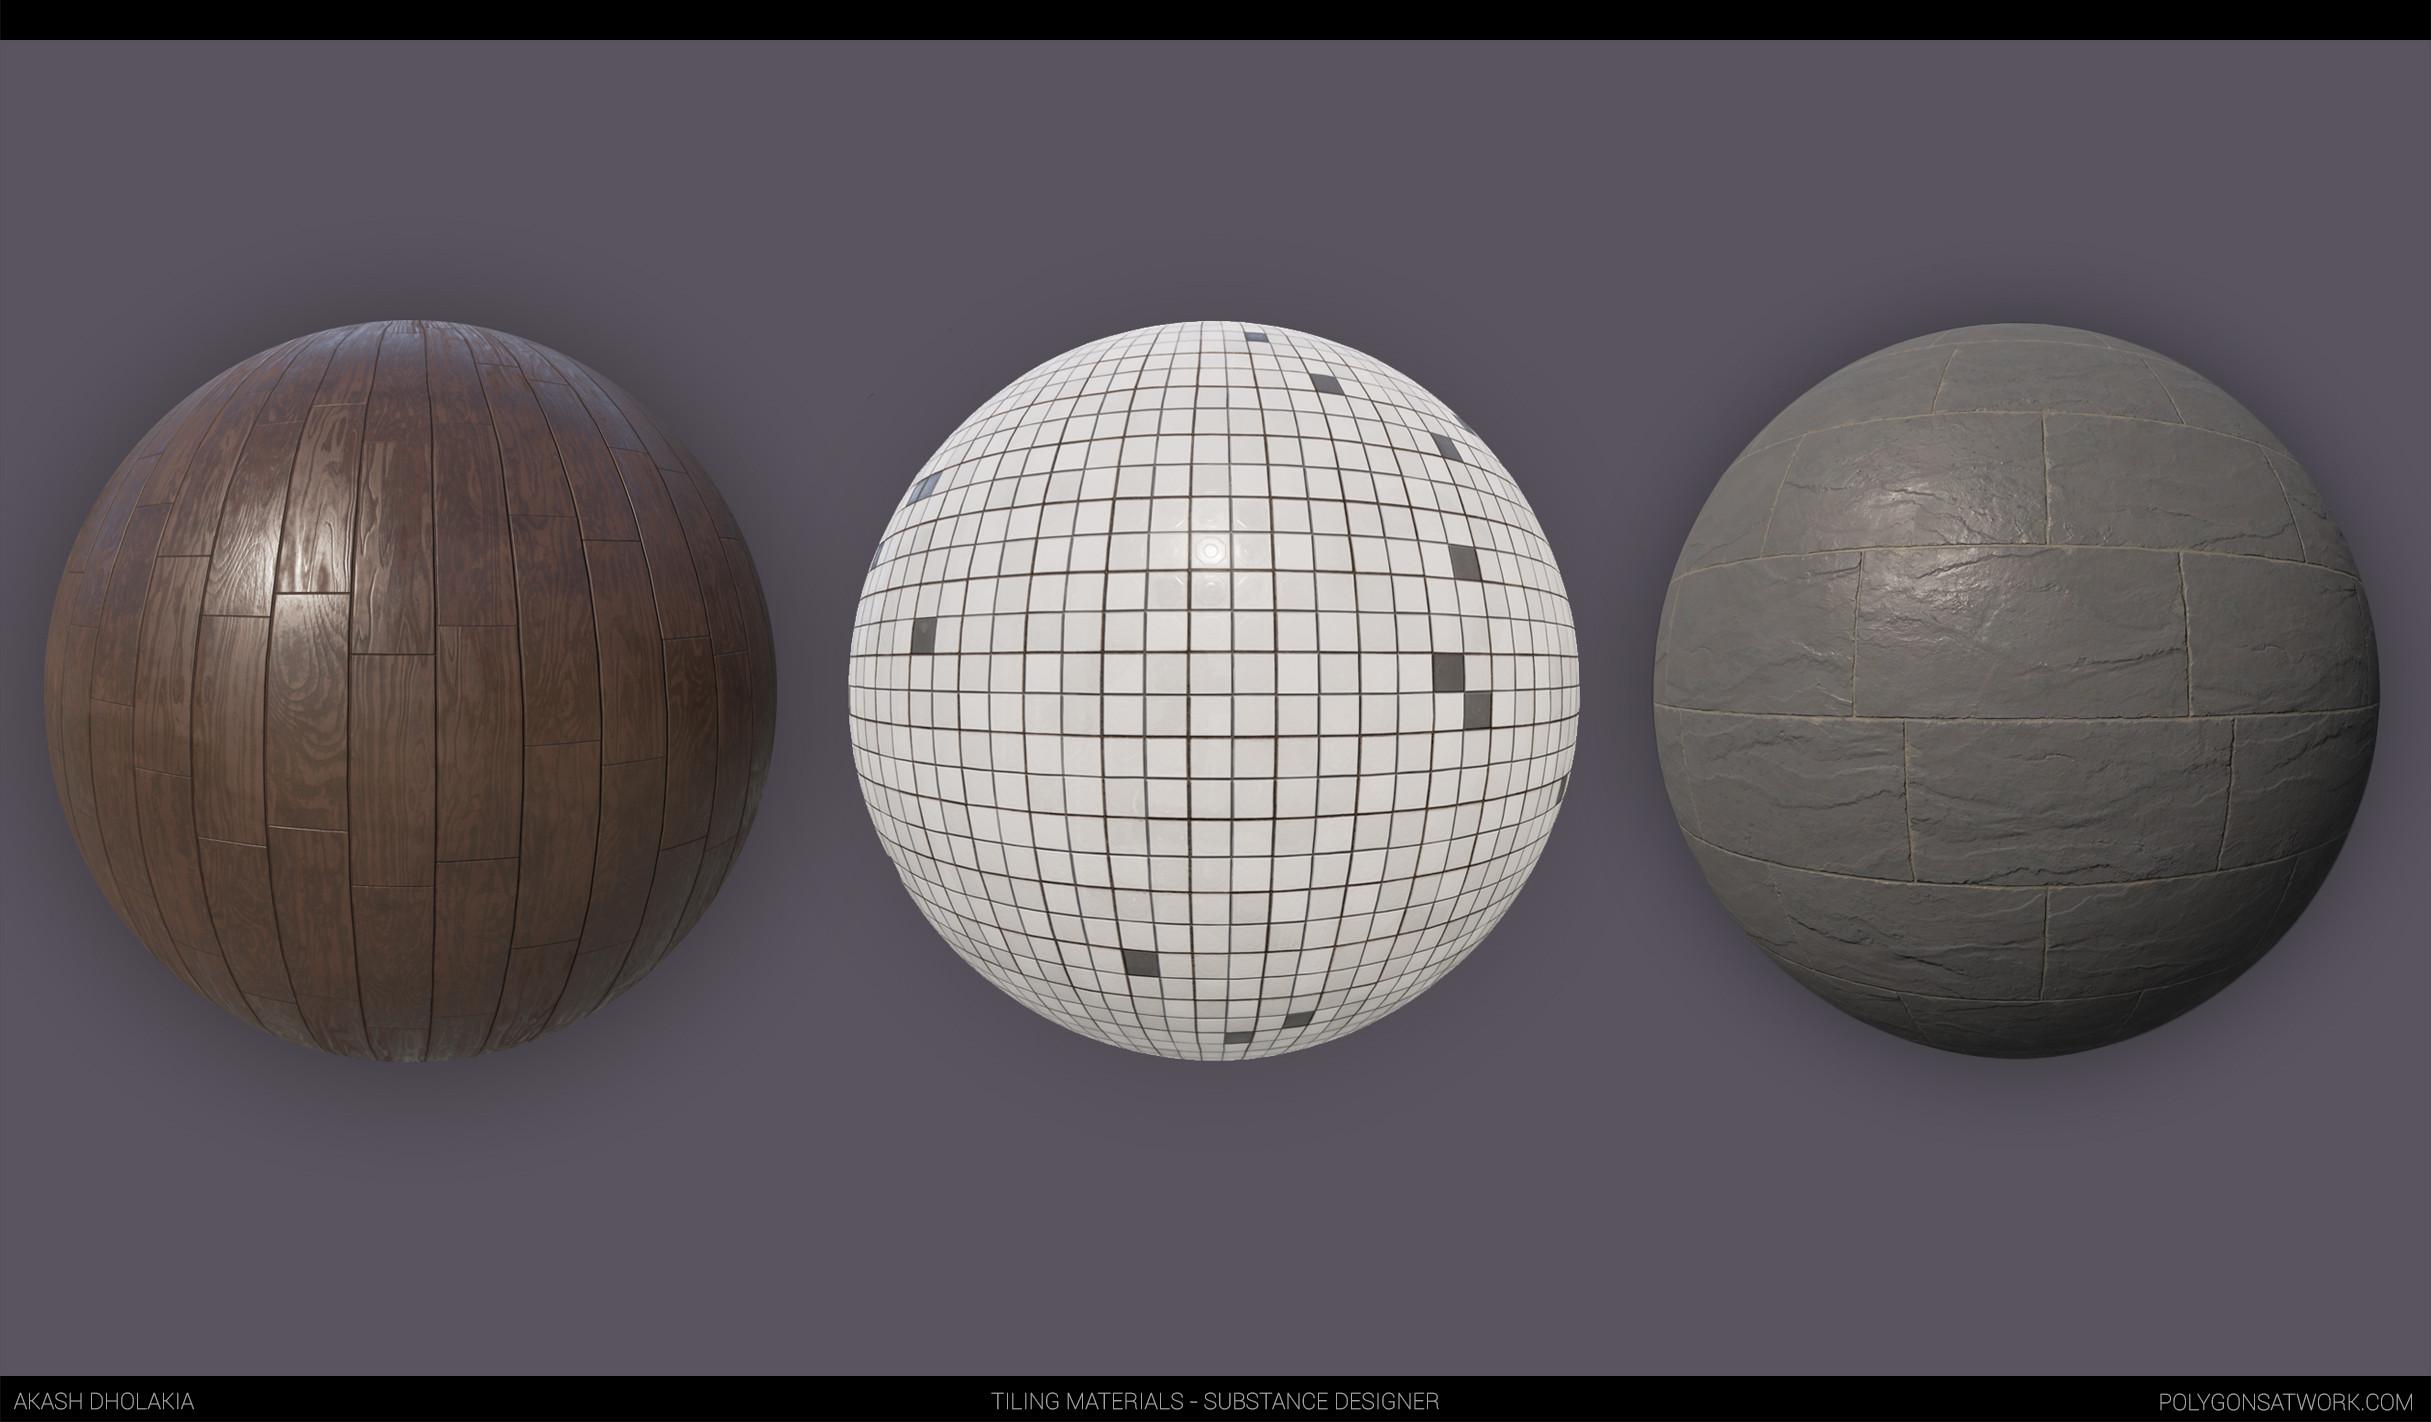 Tiling Textures - Substance Designer